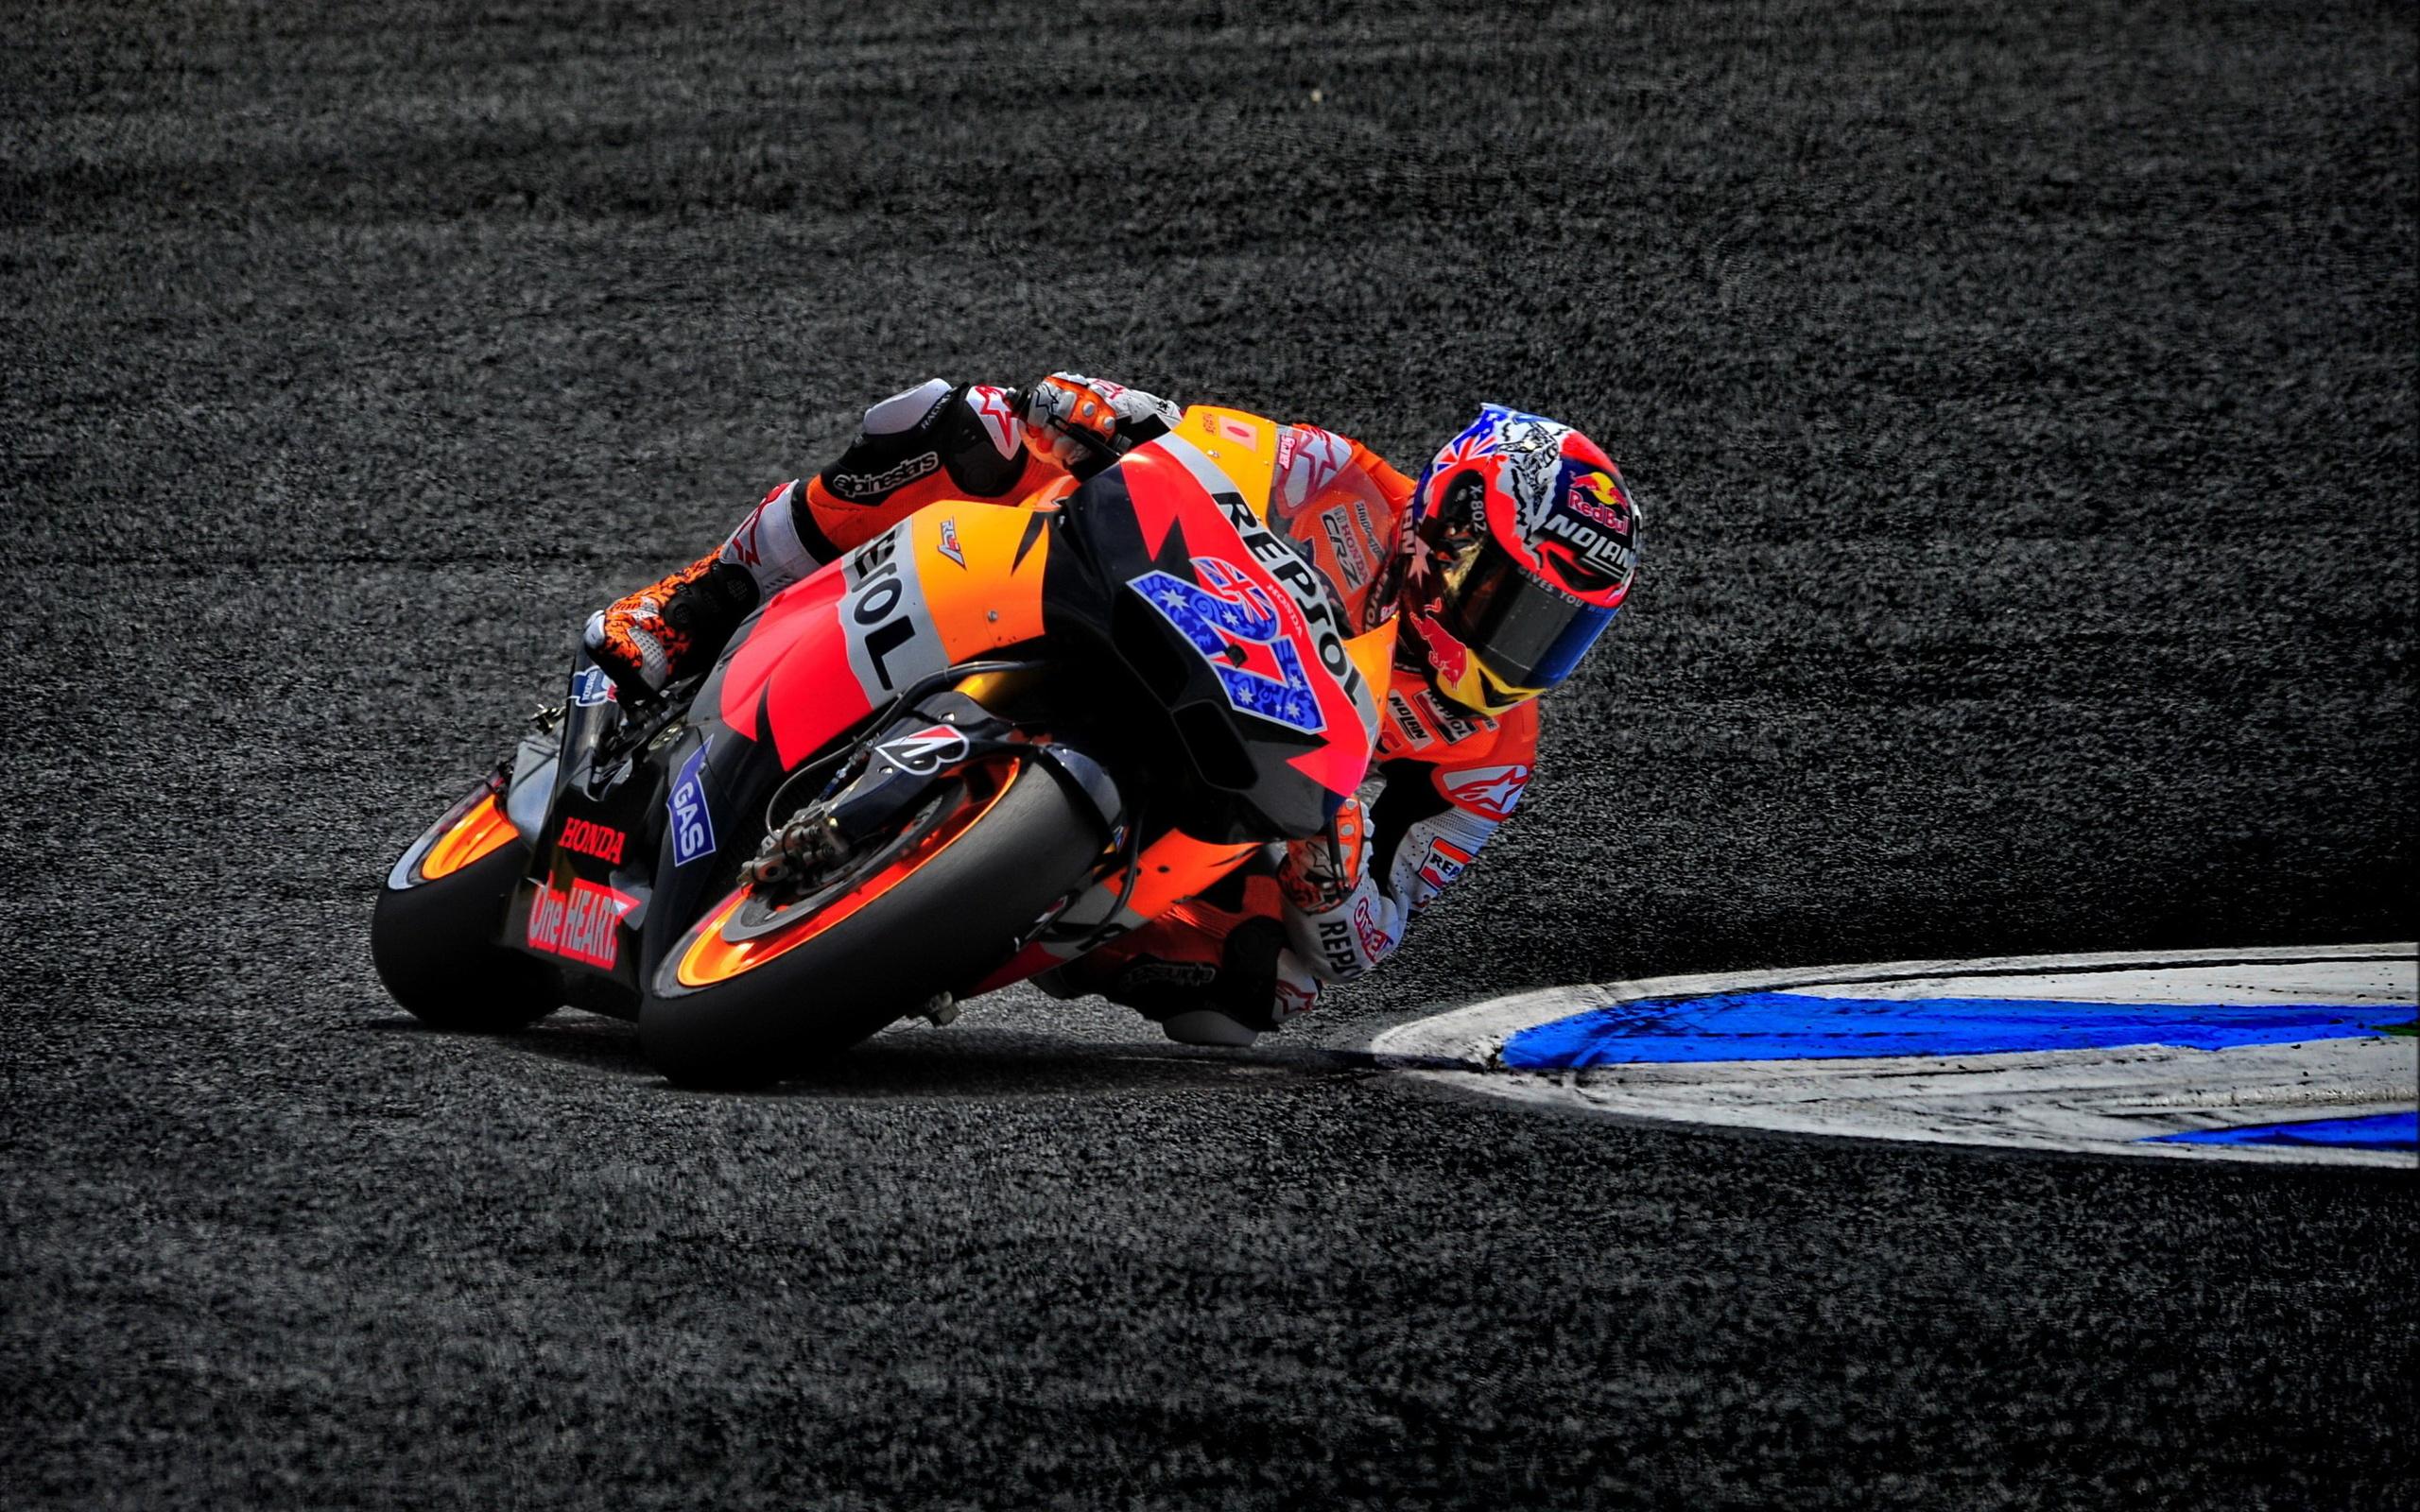 мотоциклы спортивный спорт  № 1566575 загрузить